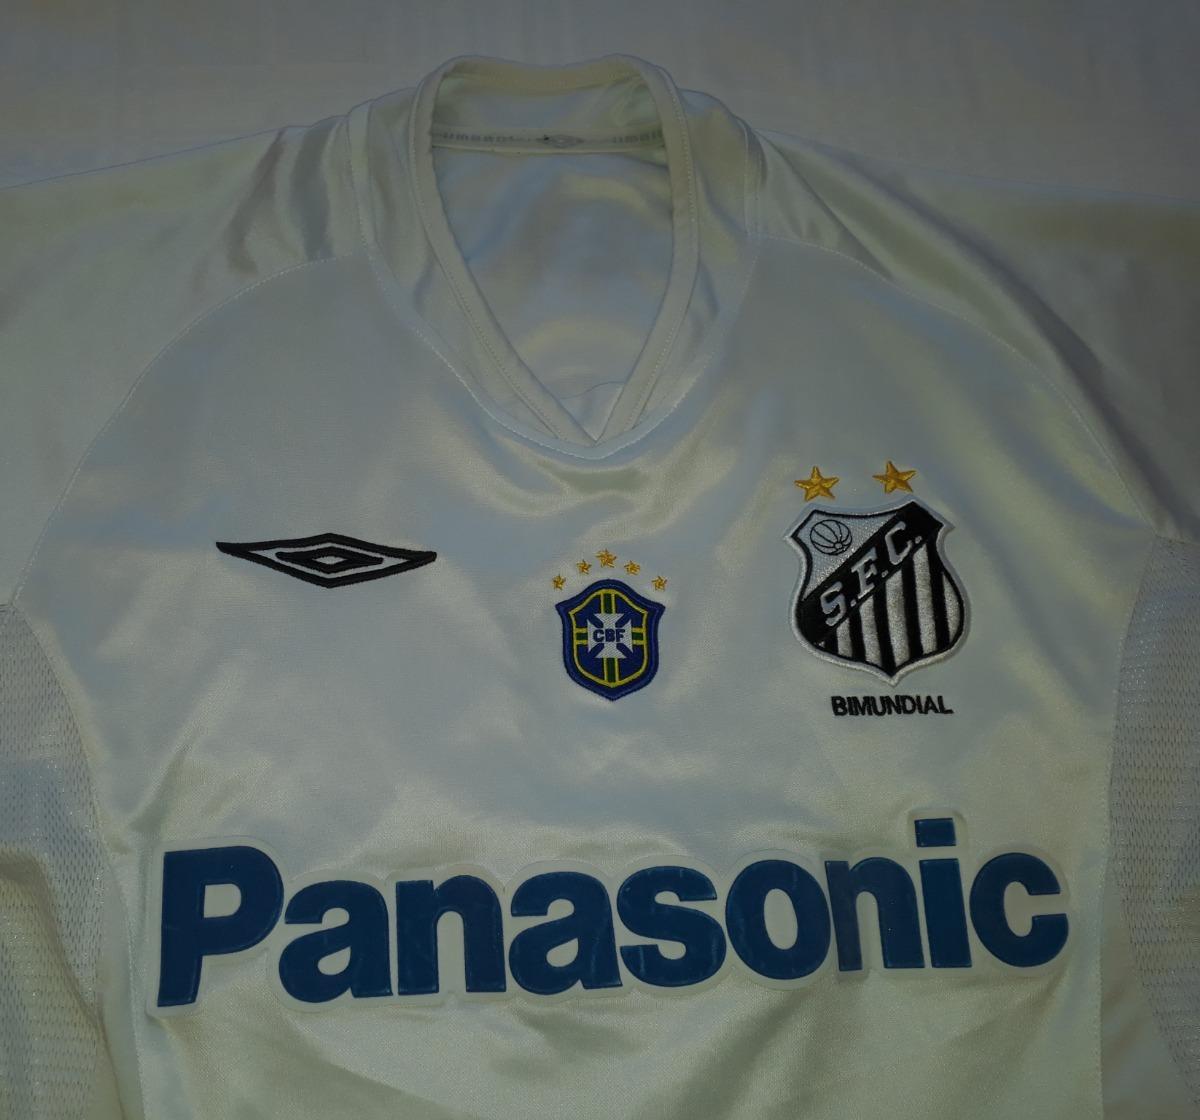 6a4796faaa camiseta santos 2005 original umbro robinho panasonic - ro. Carregando zoom.